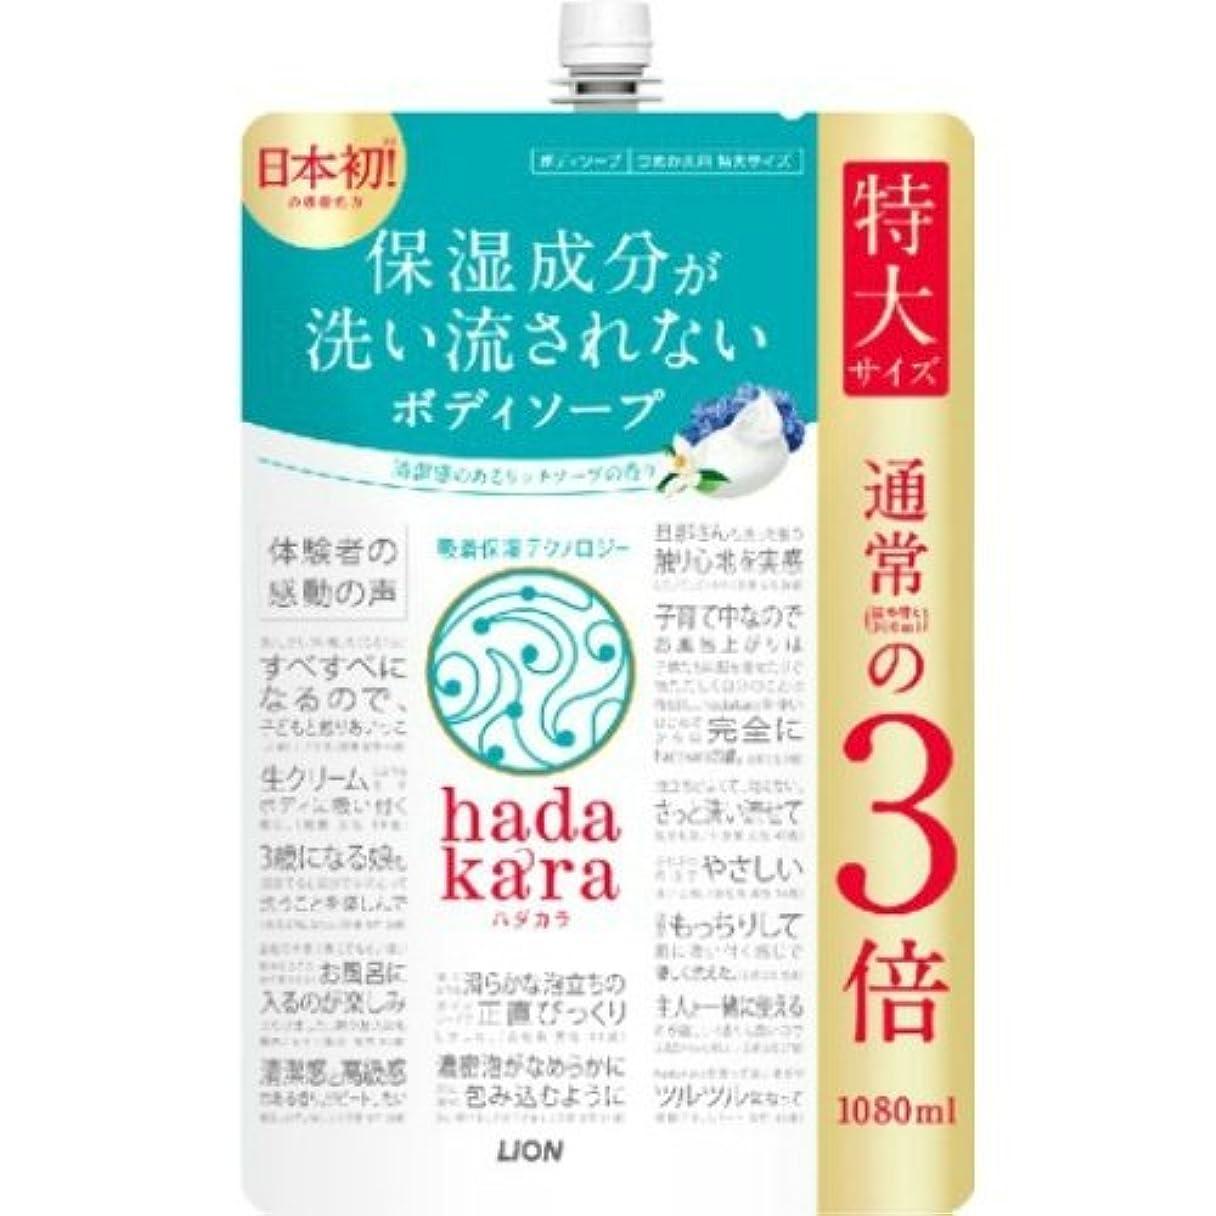 辛い失敗観察LION ライオン hadakara ハダカラ ボディソープ リッチソープの香り つめかえ用 特大サイズ 1080ml ×3点セット(4903301260882)